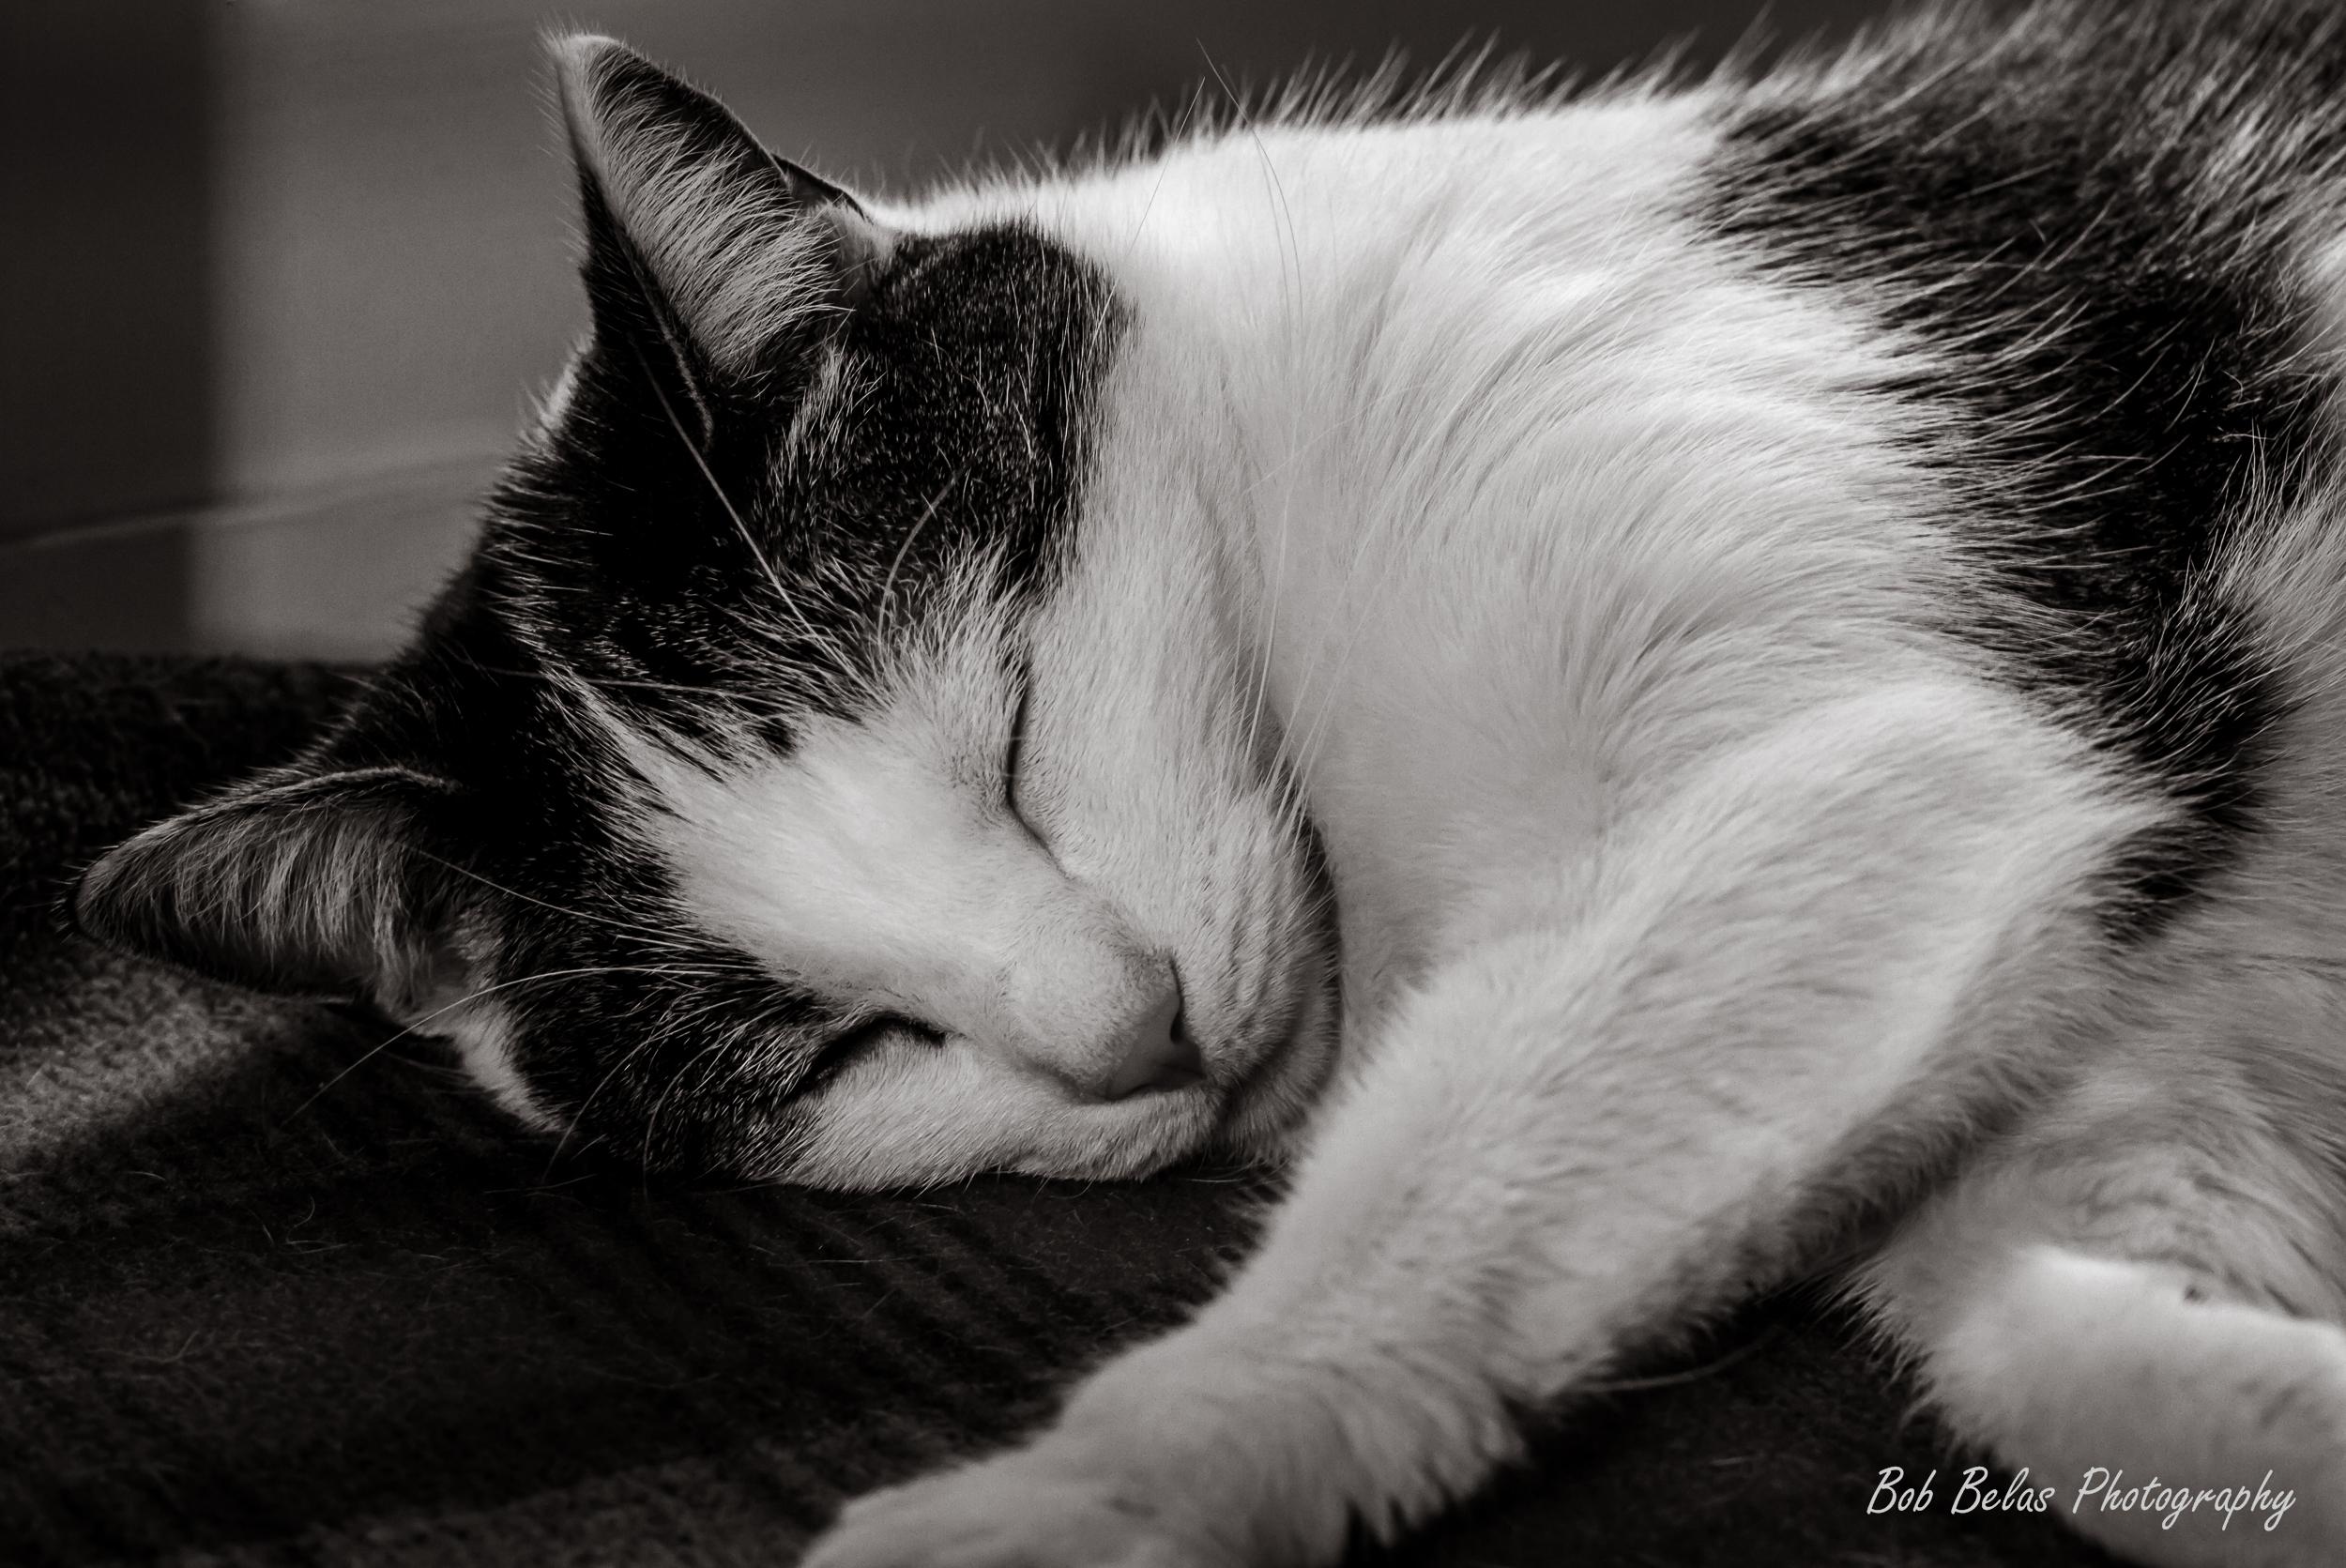 Sleepin'